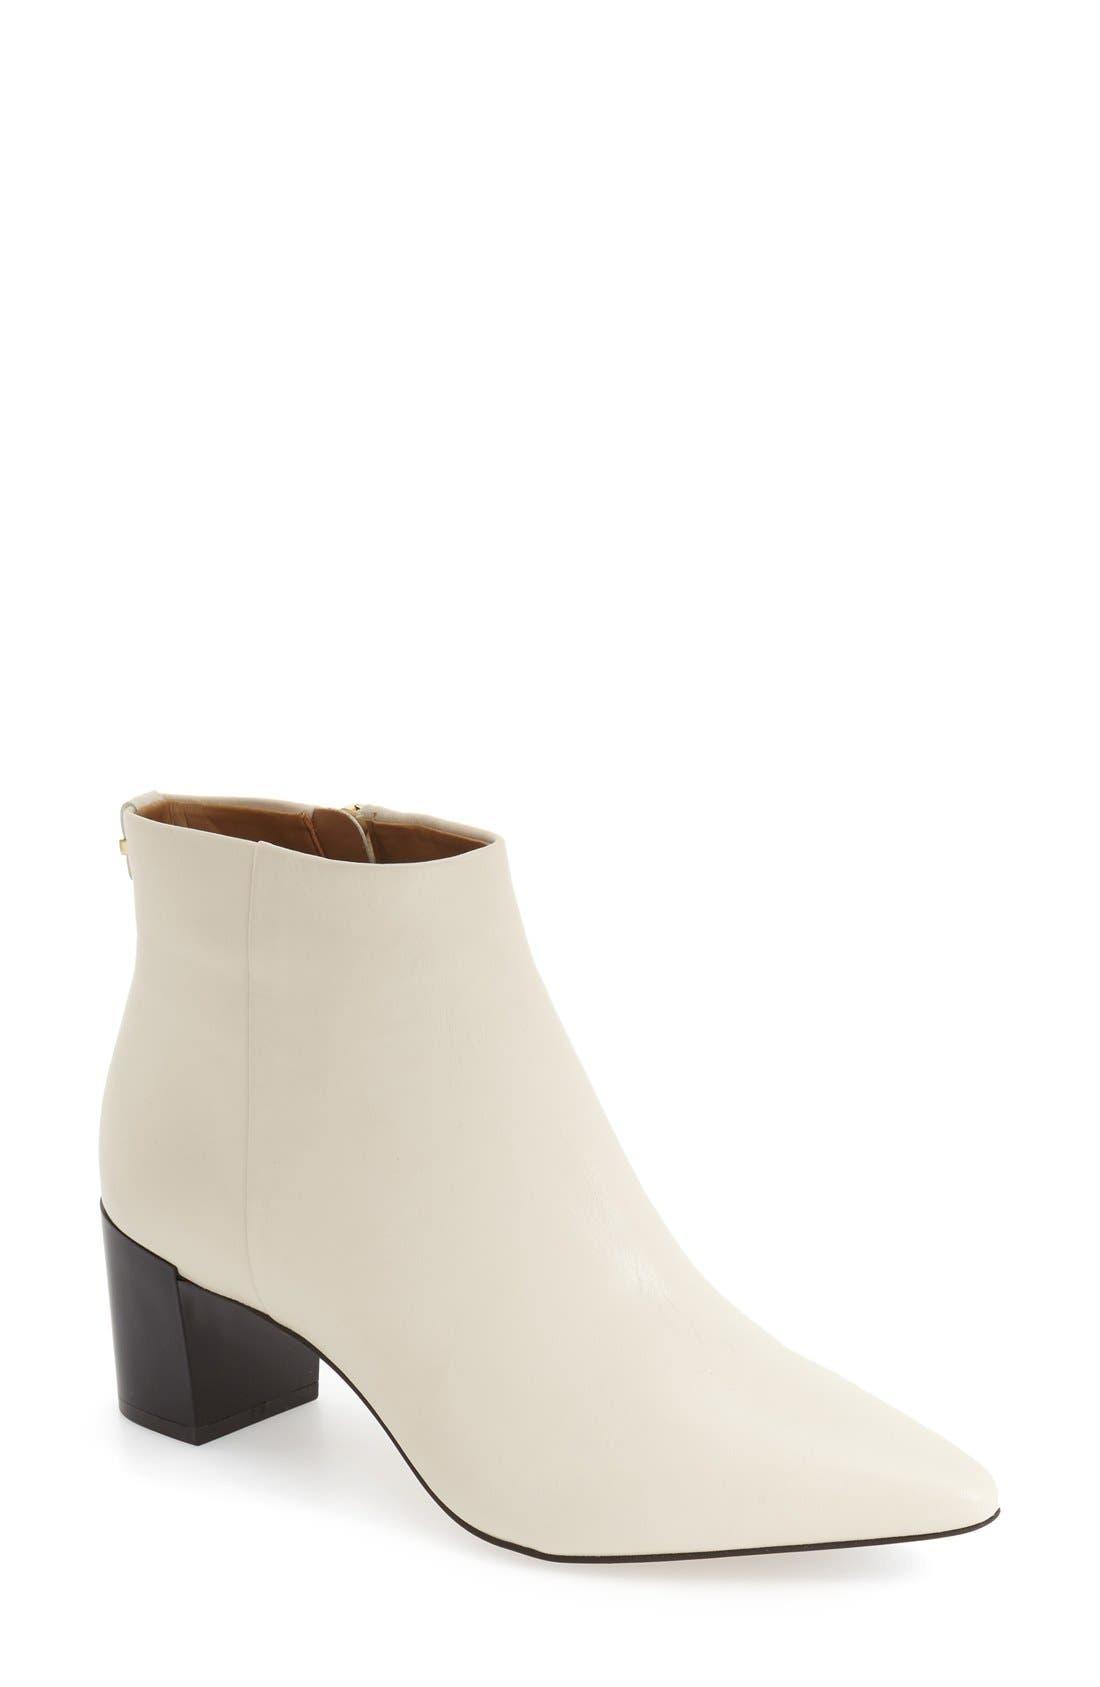 Alternate Image 1 Selected - Calvin Klein 'Narla' Block Heel Bootie (Women)